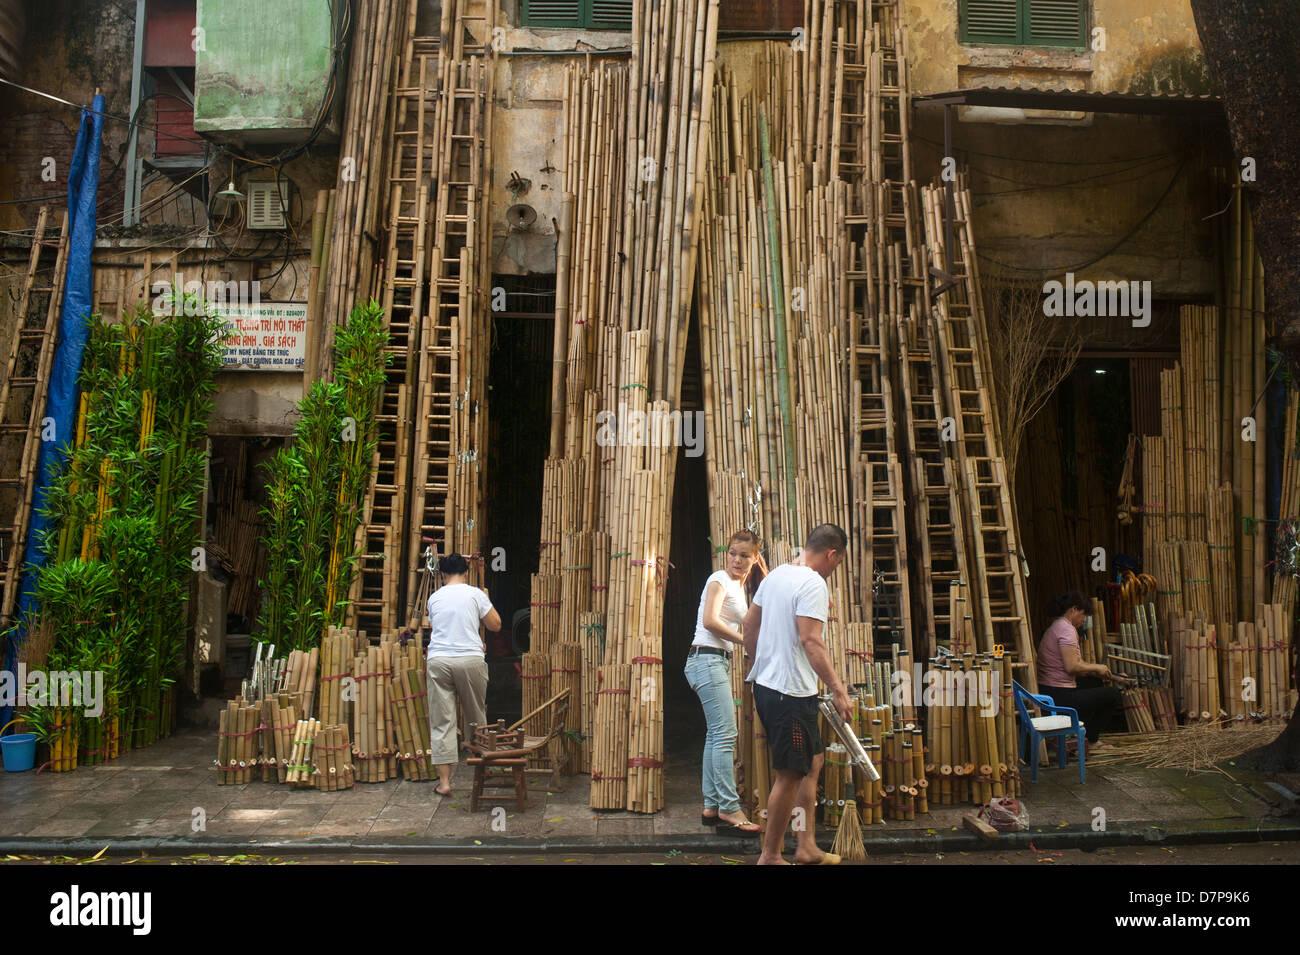 hanoi vietnam 2013 bamboo selling business ladder street old quarter stock image